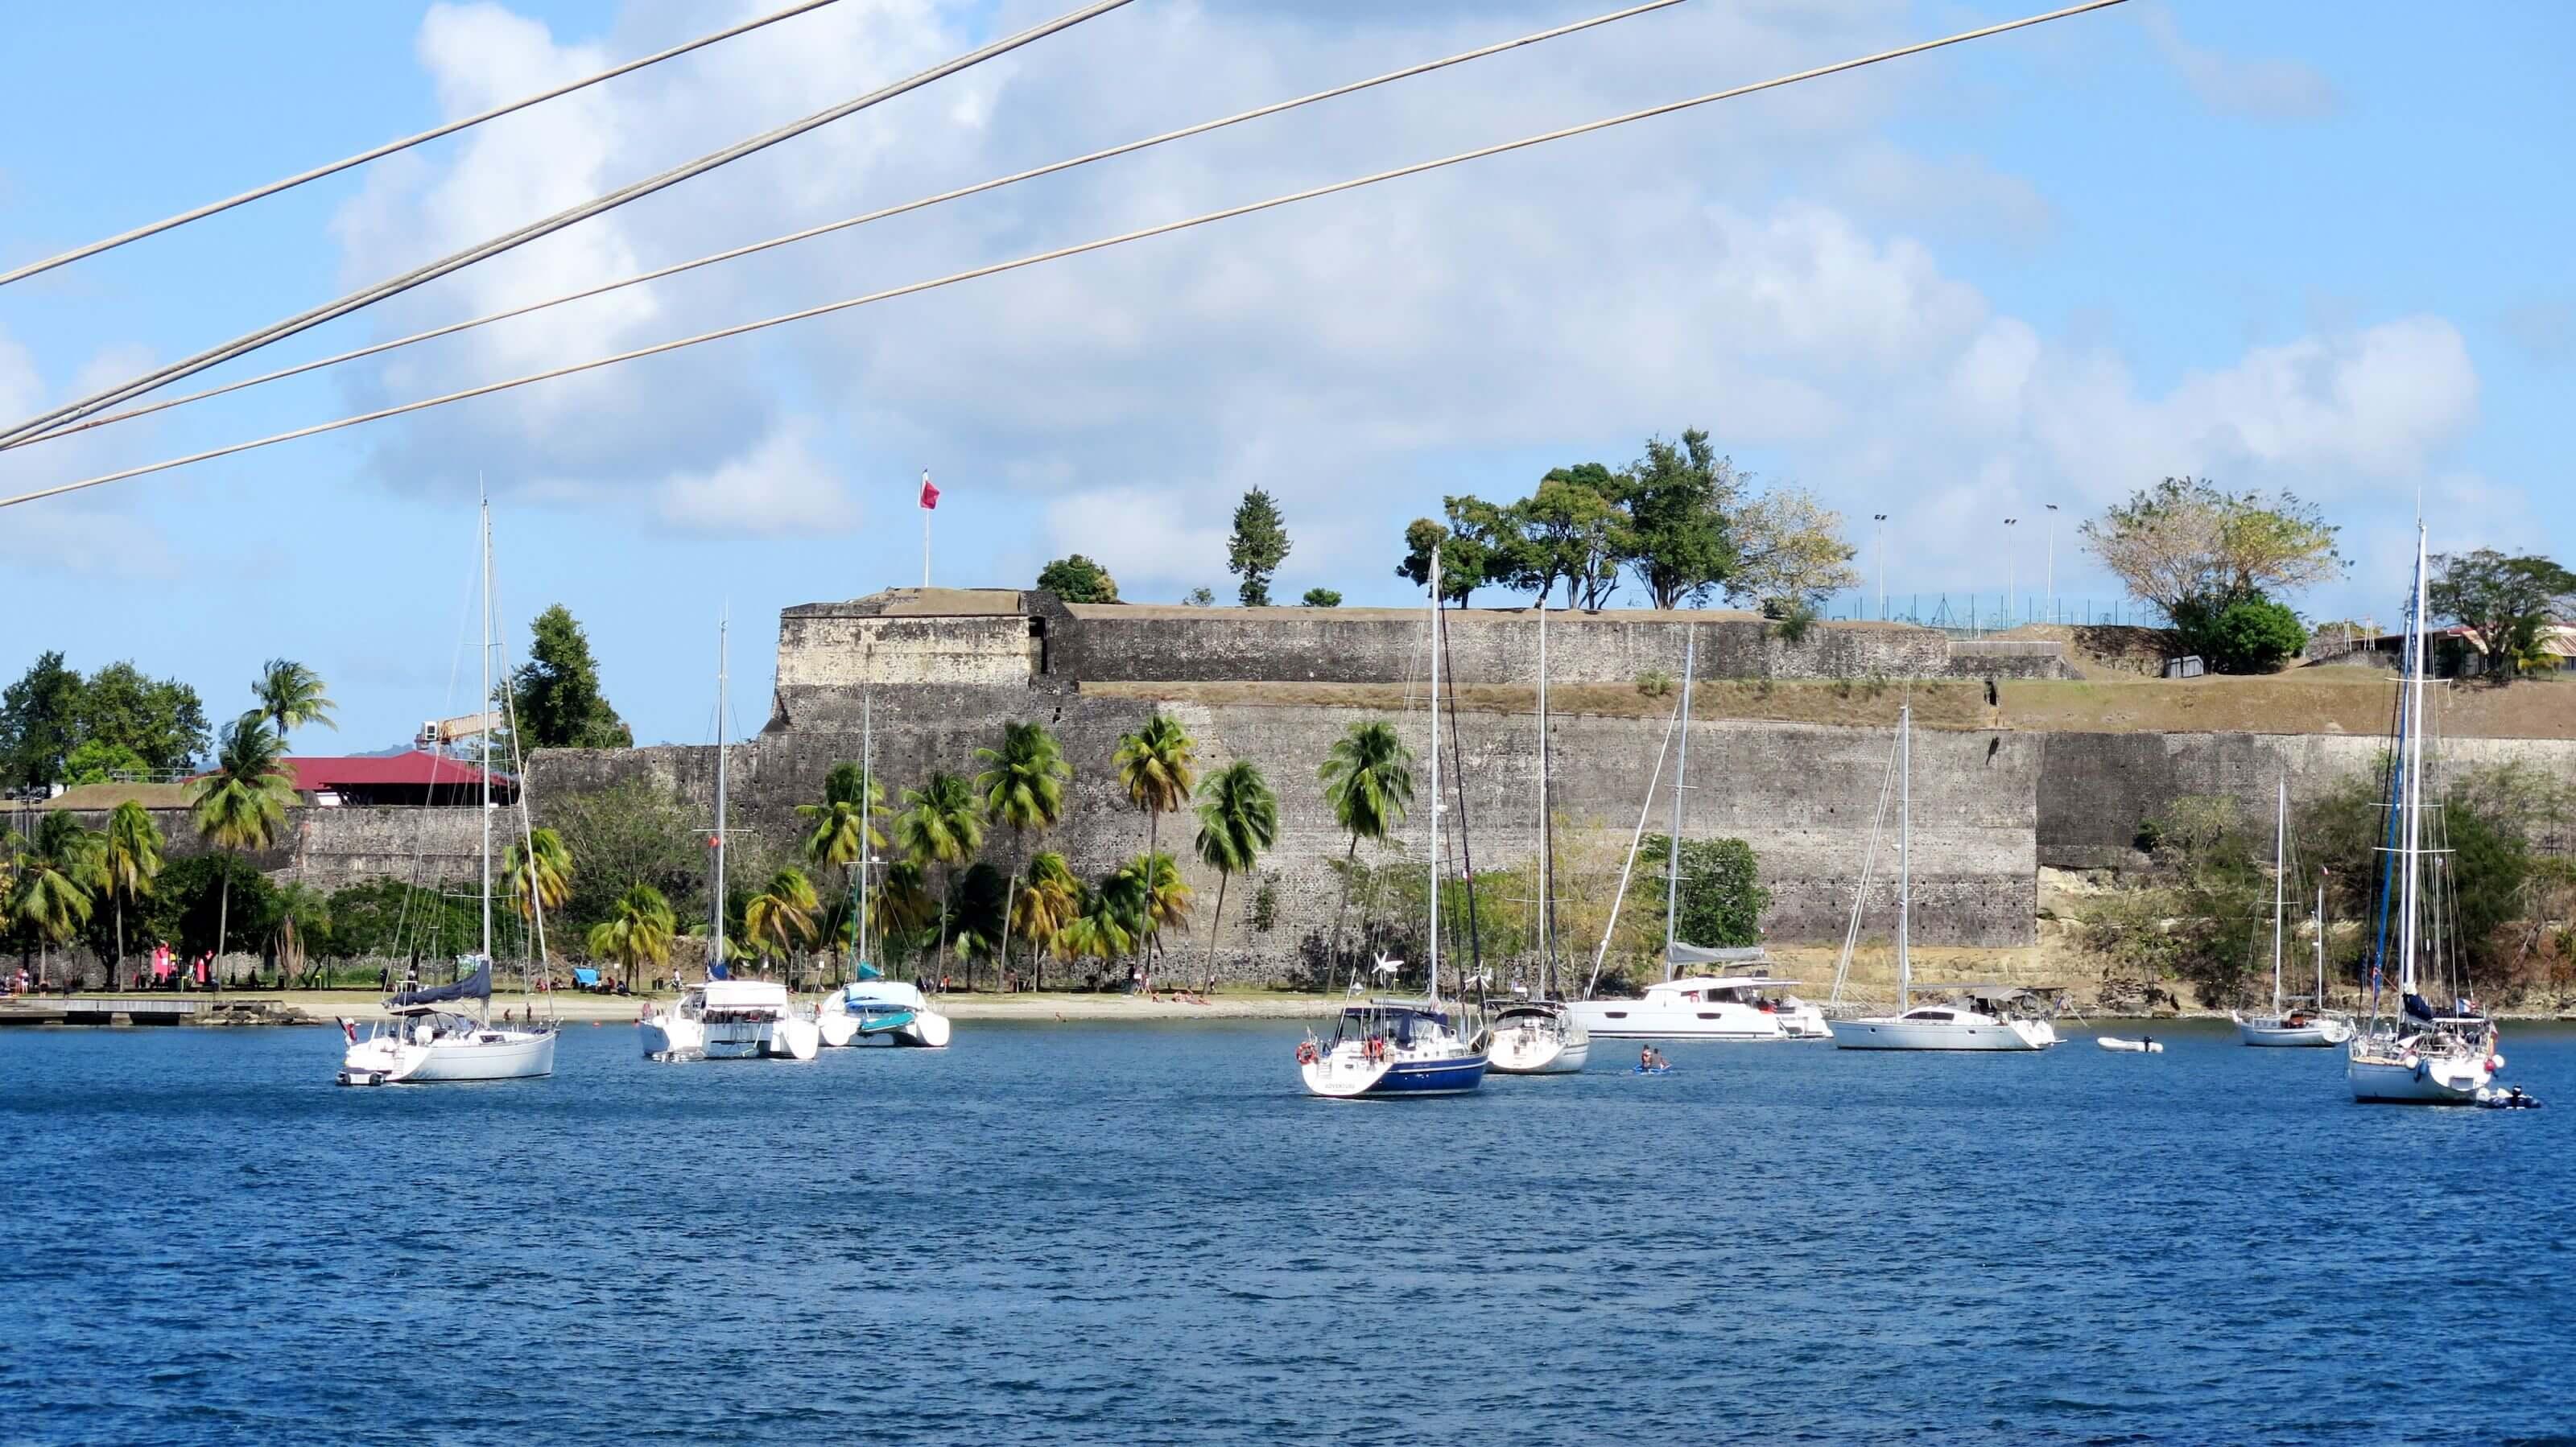 Fort_de_France__(1)